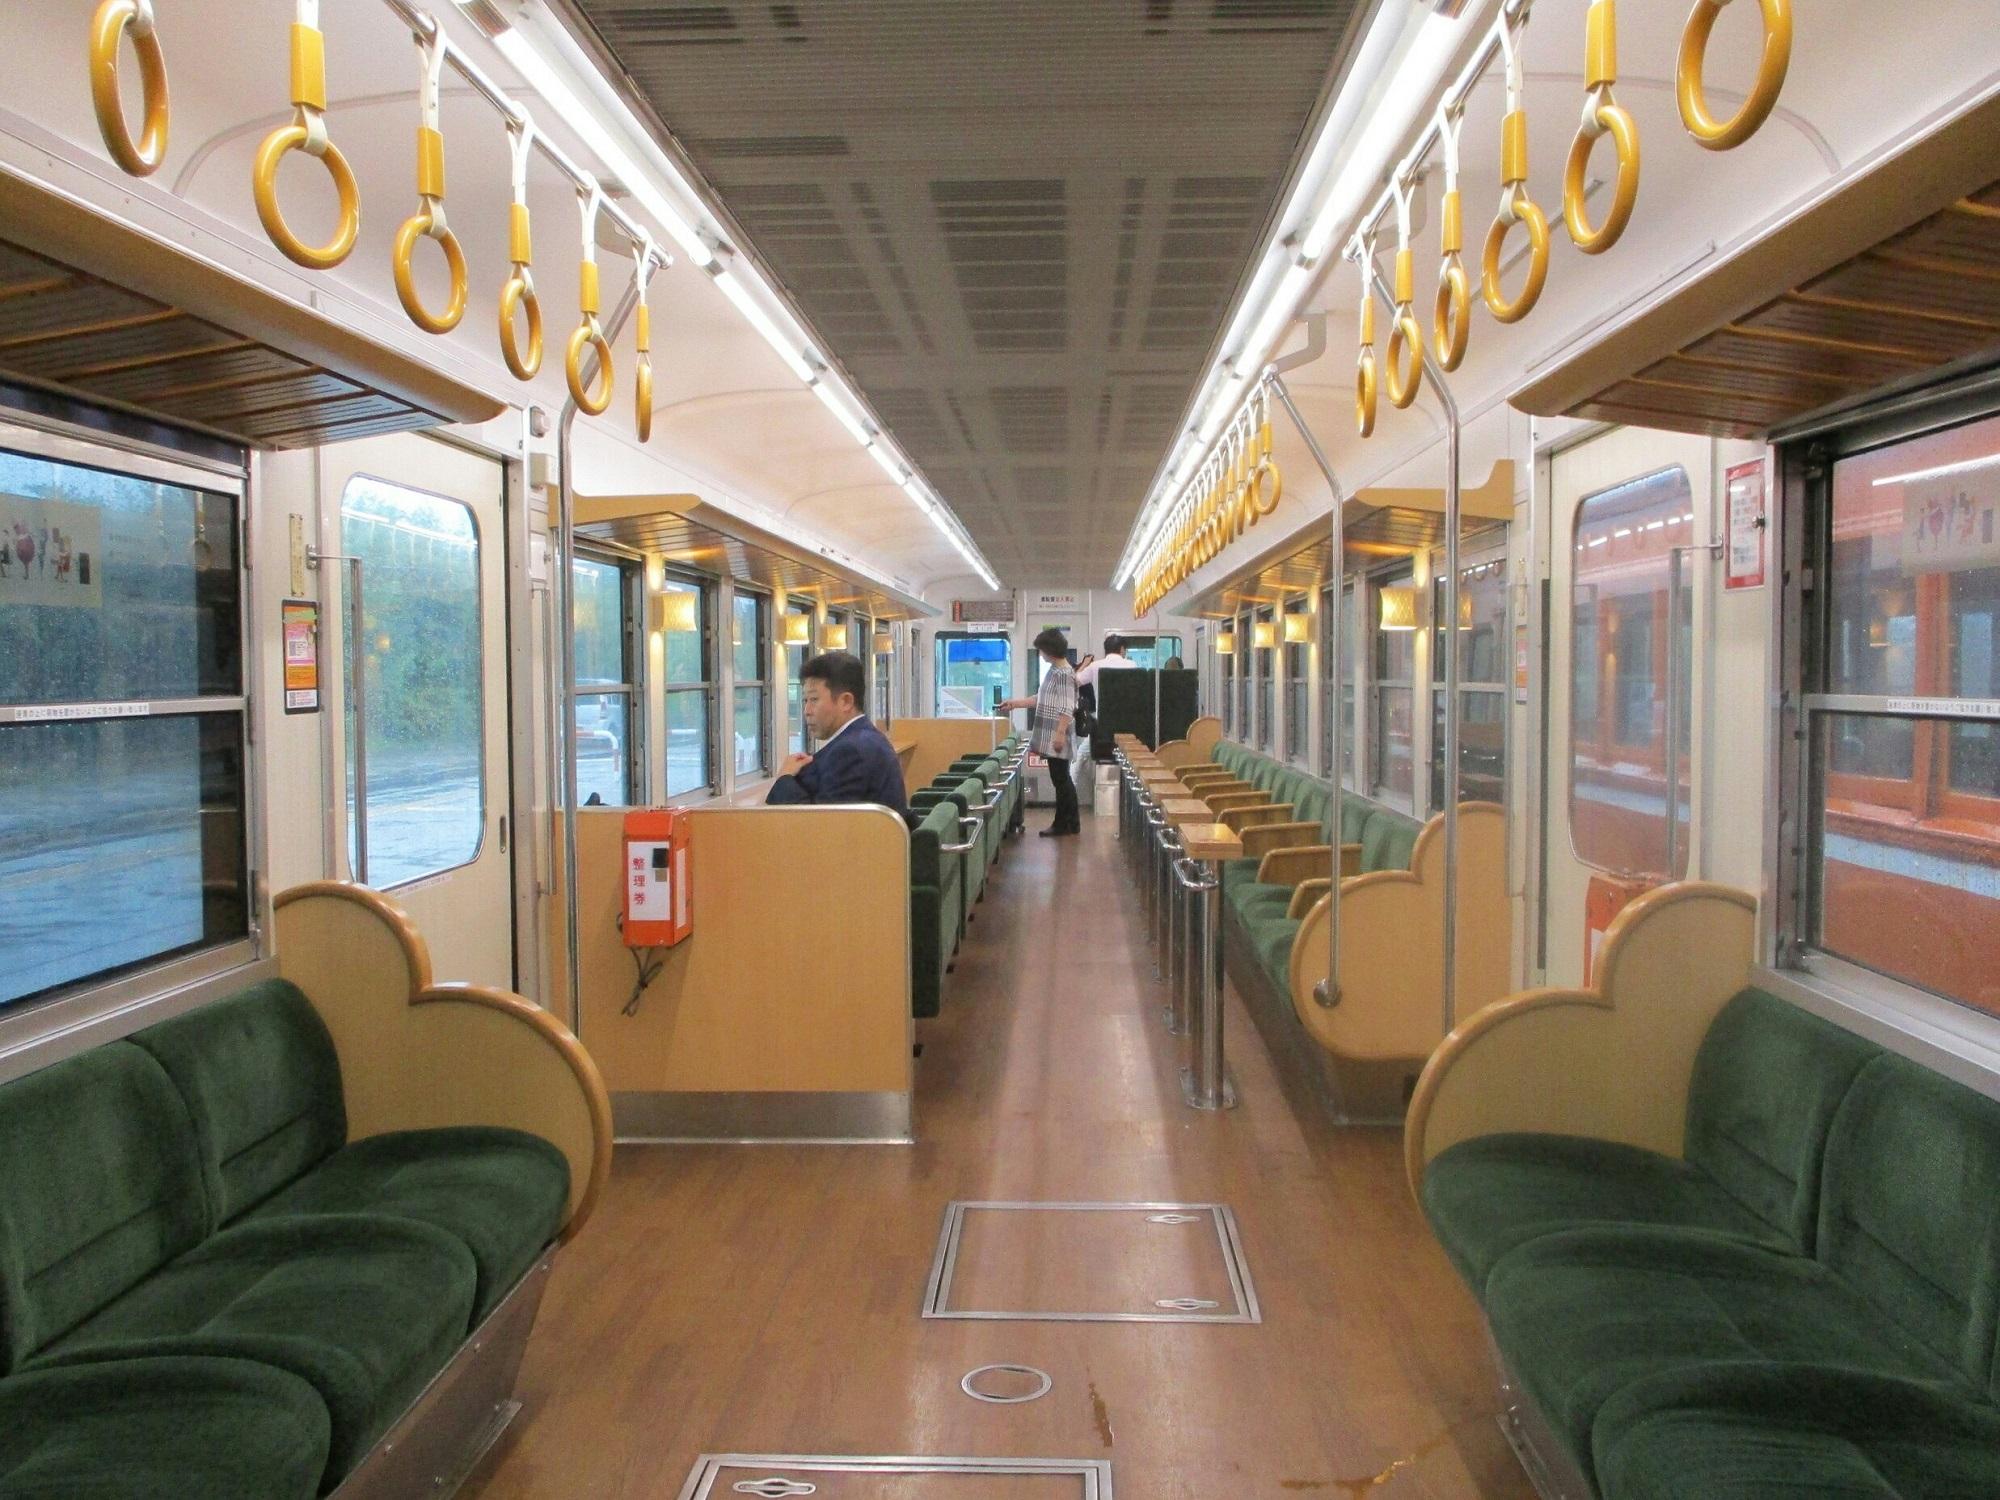 2018.7.6 (134) 川跡いきふつう(1両め) - 出雲大社前 2000-1500